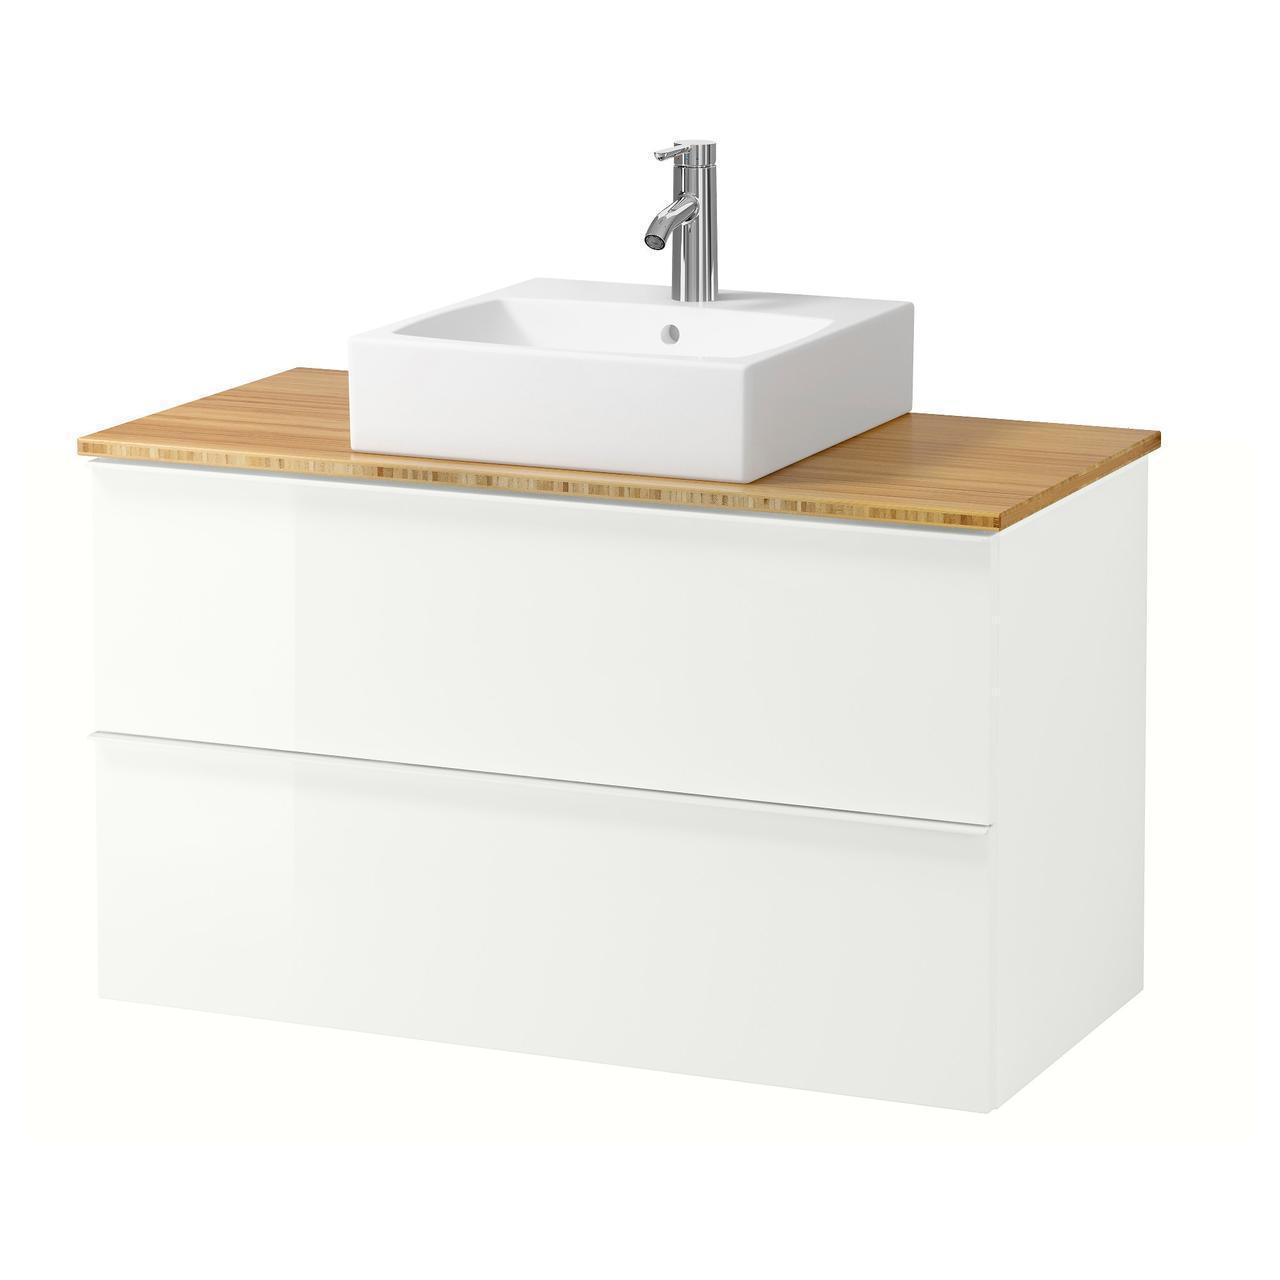 IKEA GODMORGON/TOLKEN/TORNVIKEN Шкаф под умывальник с раковиной, глянцевый белый, бамбук  (691.853.79)